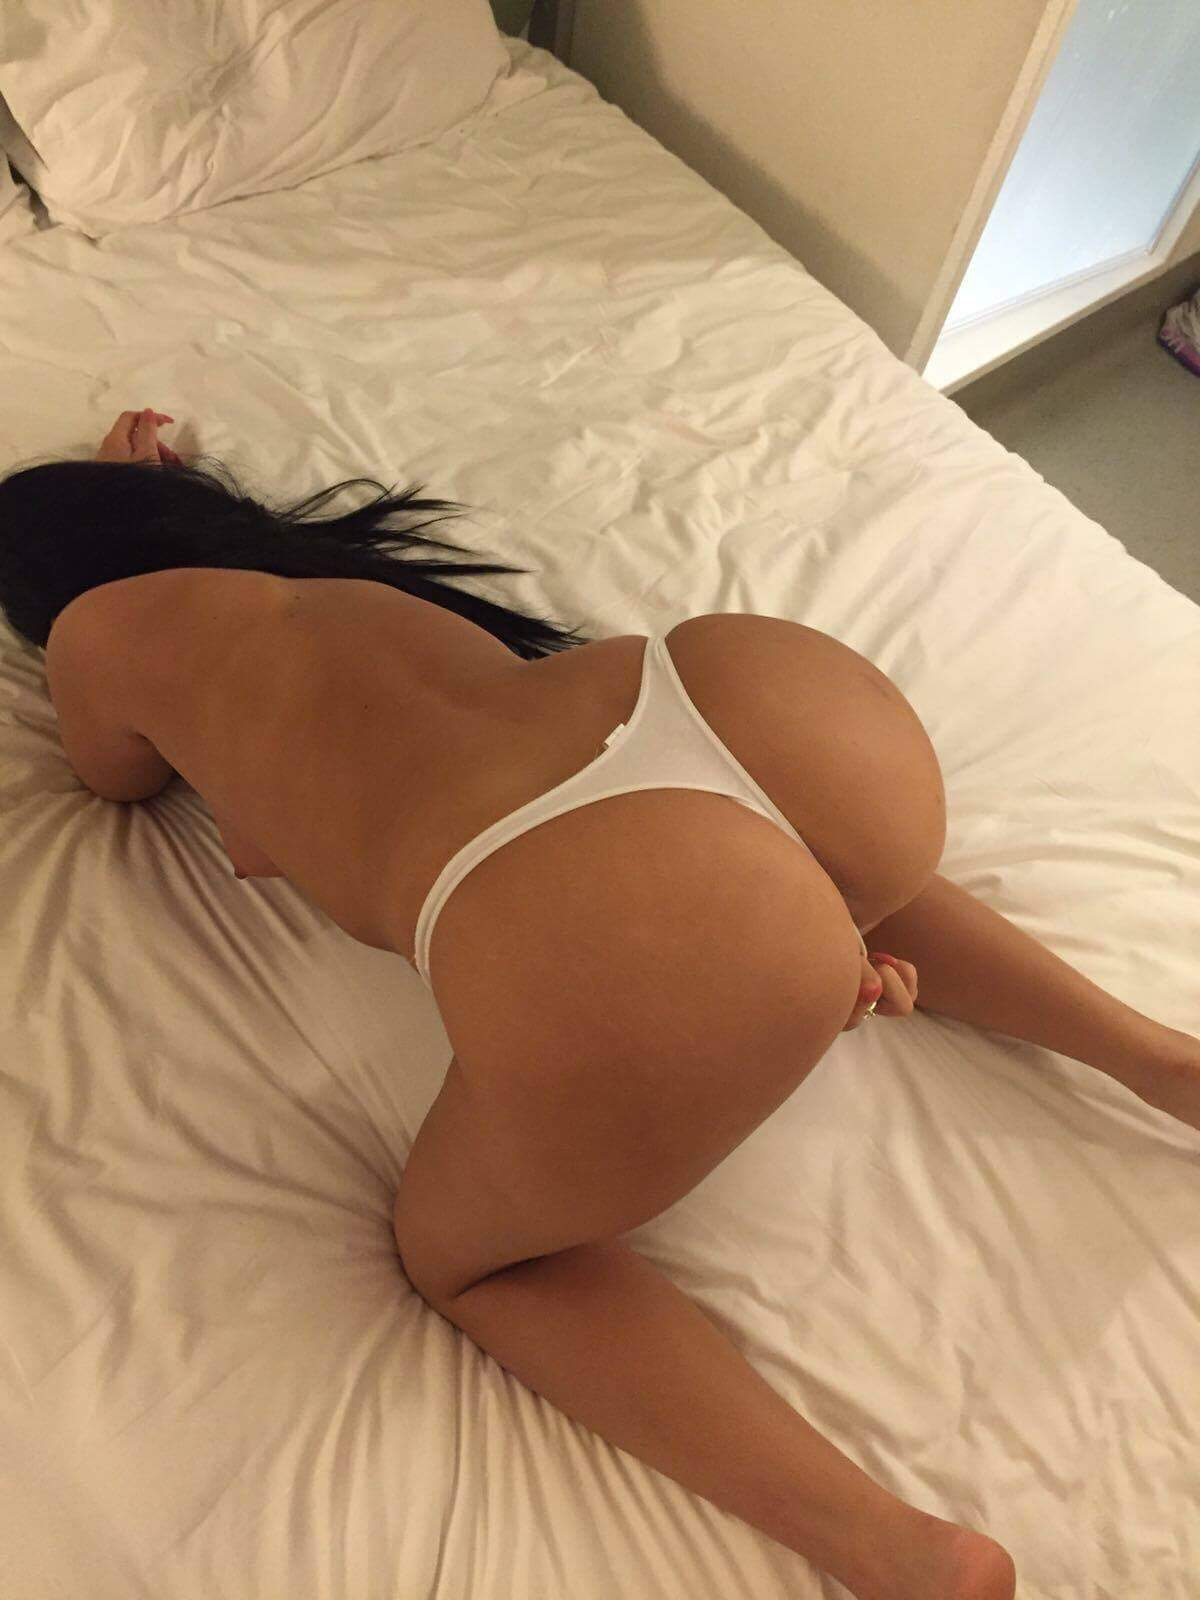 schwarze rose bdsm sex chat ohne anmeldung kostenlos